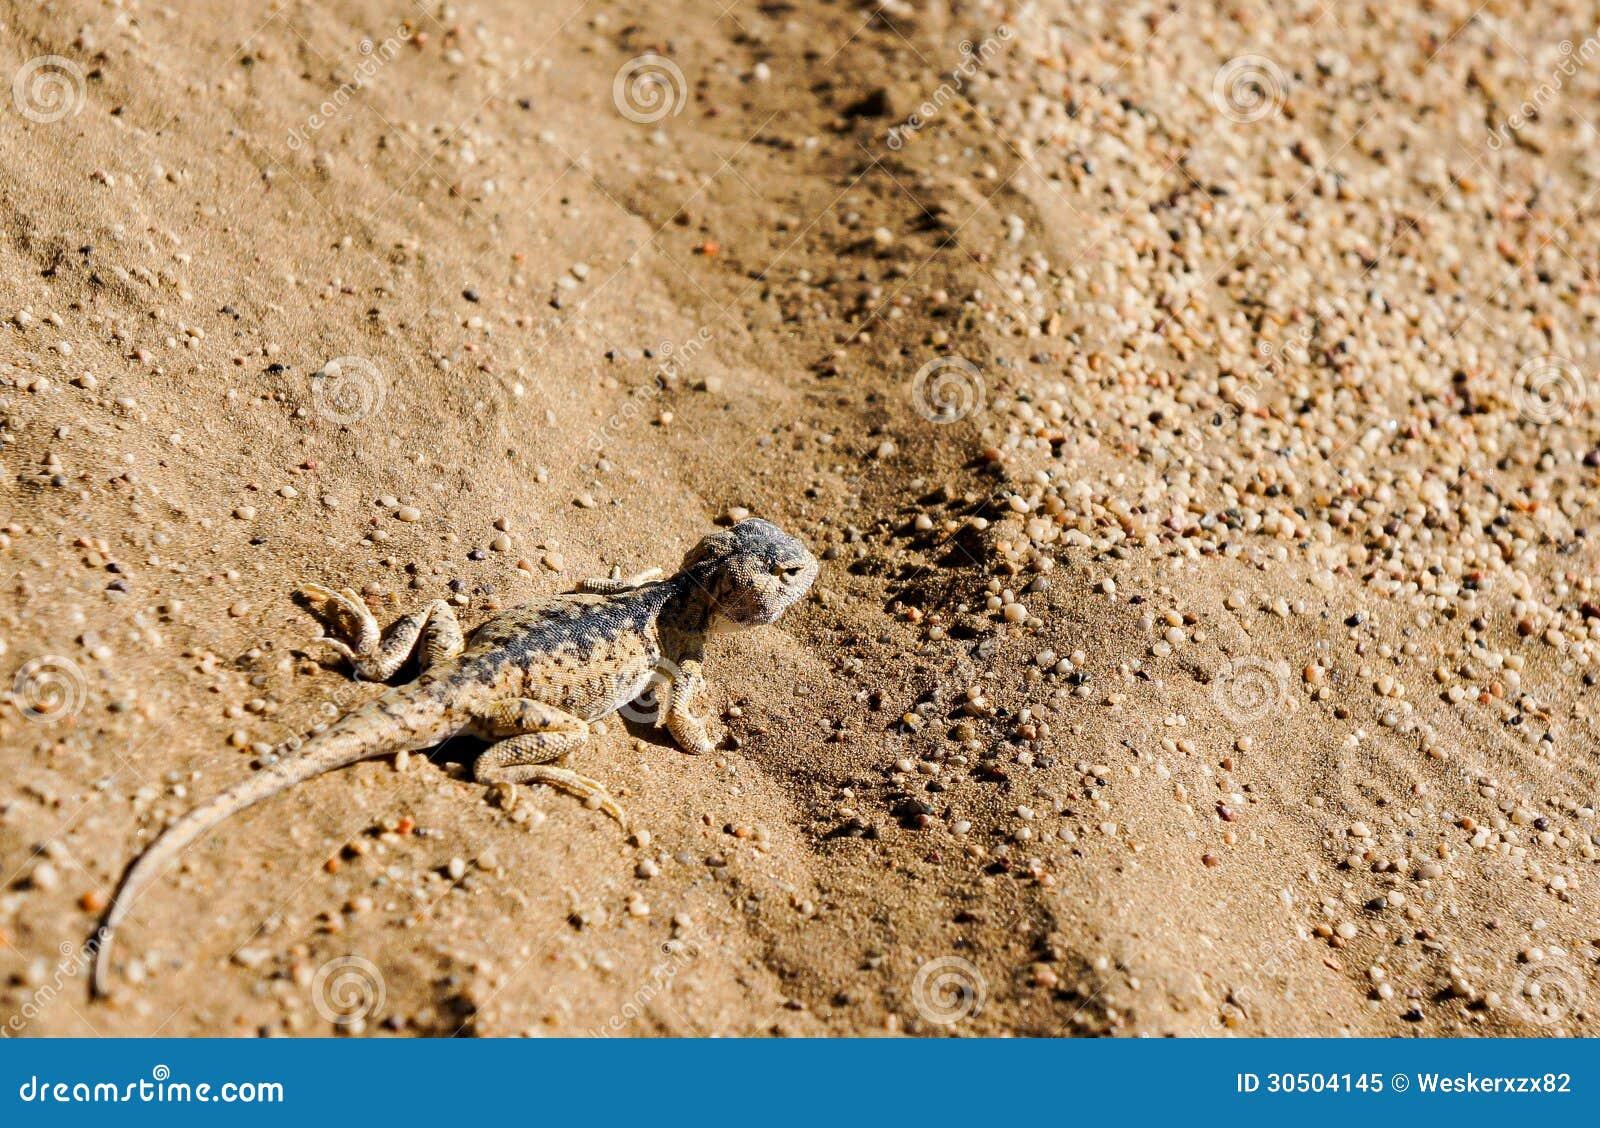 Small Lizard Stock Image   CartoonDealer.com #30504145